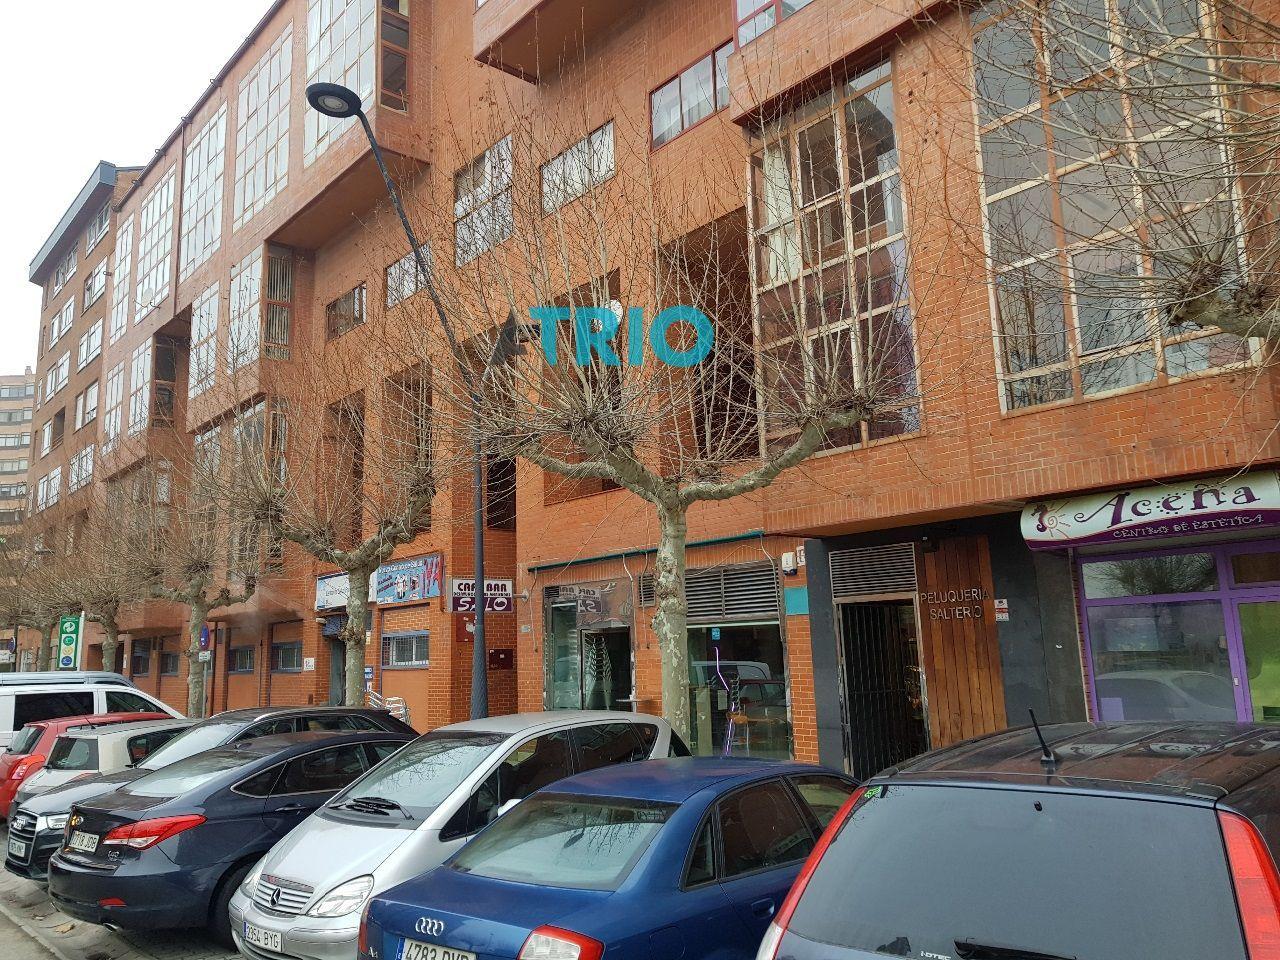 dia.mobiliagestion.es/Portals/inmoatrio/Images/6566/4103807